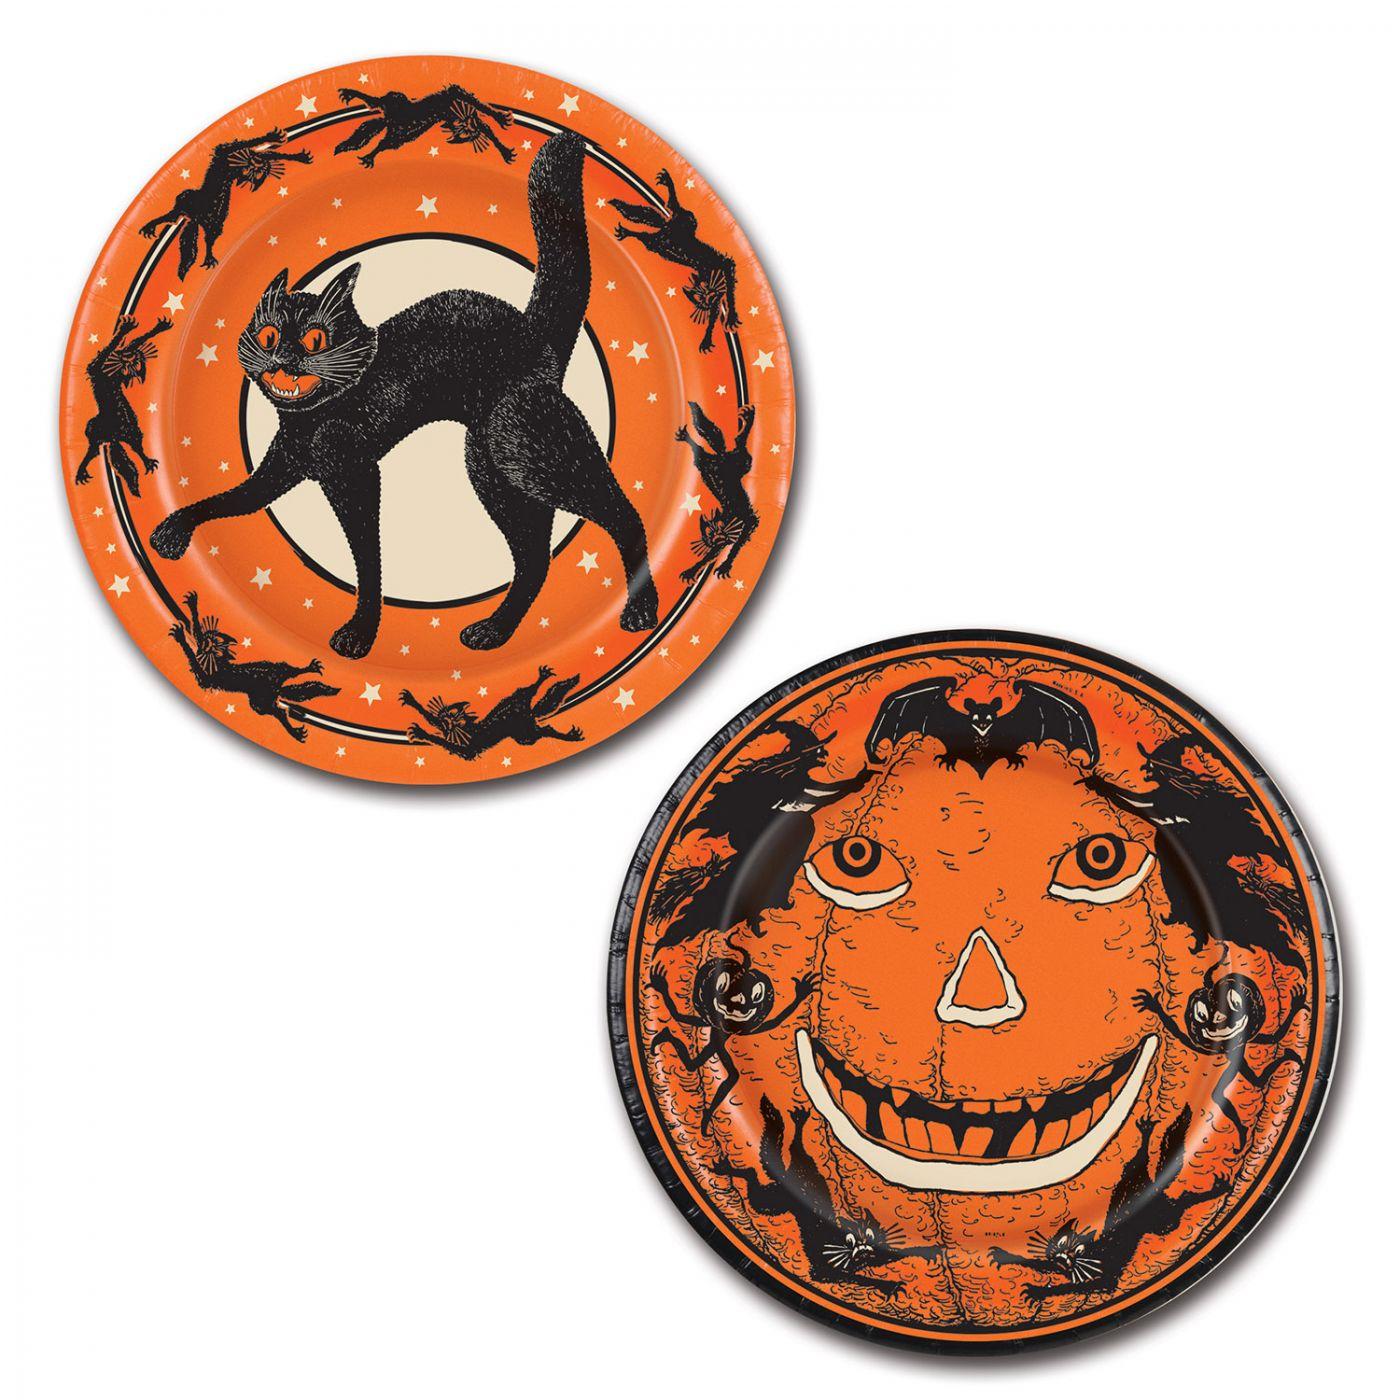 Vintage Halloween Plates image